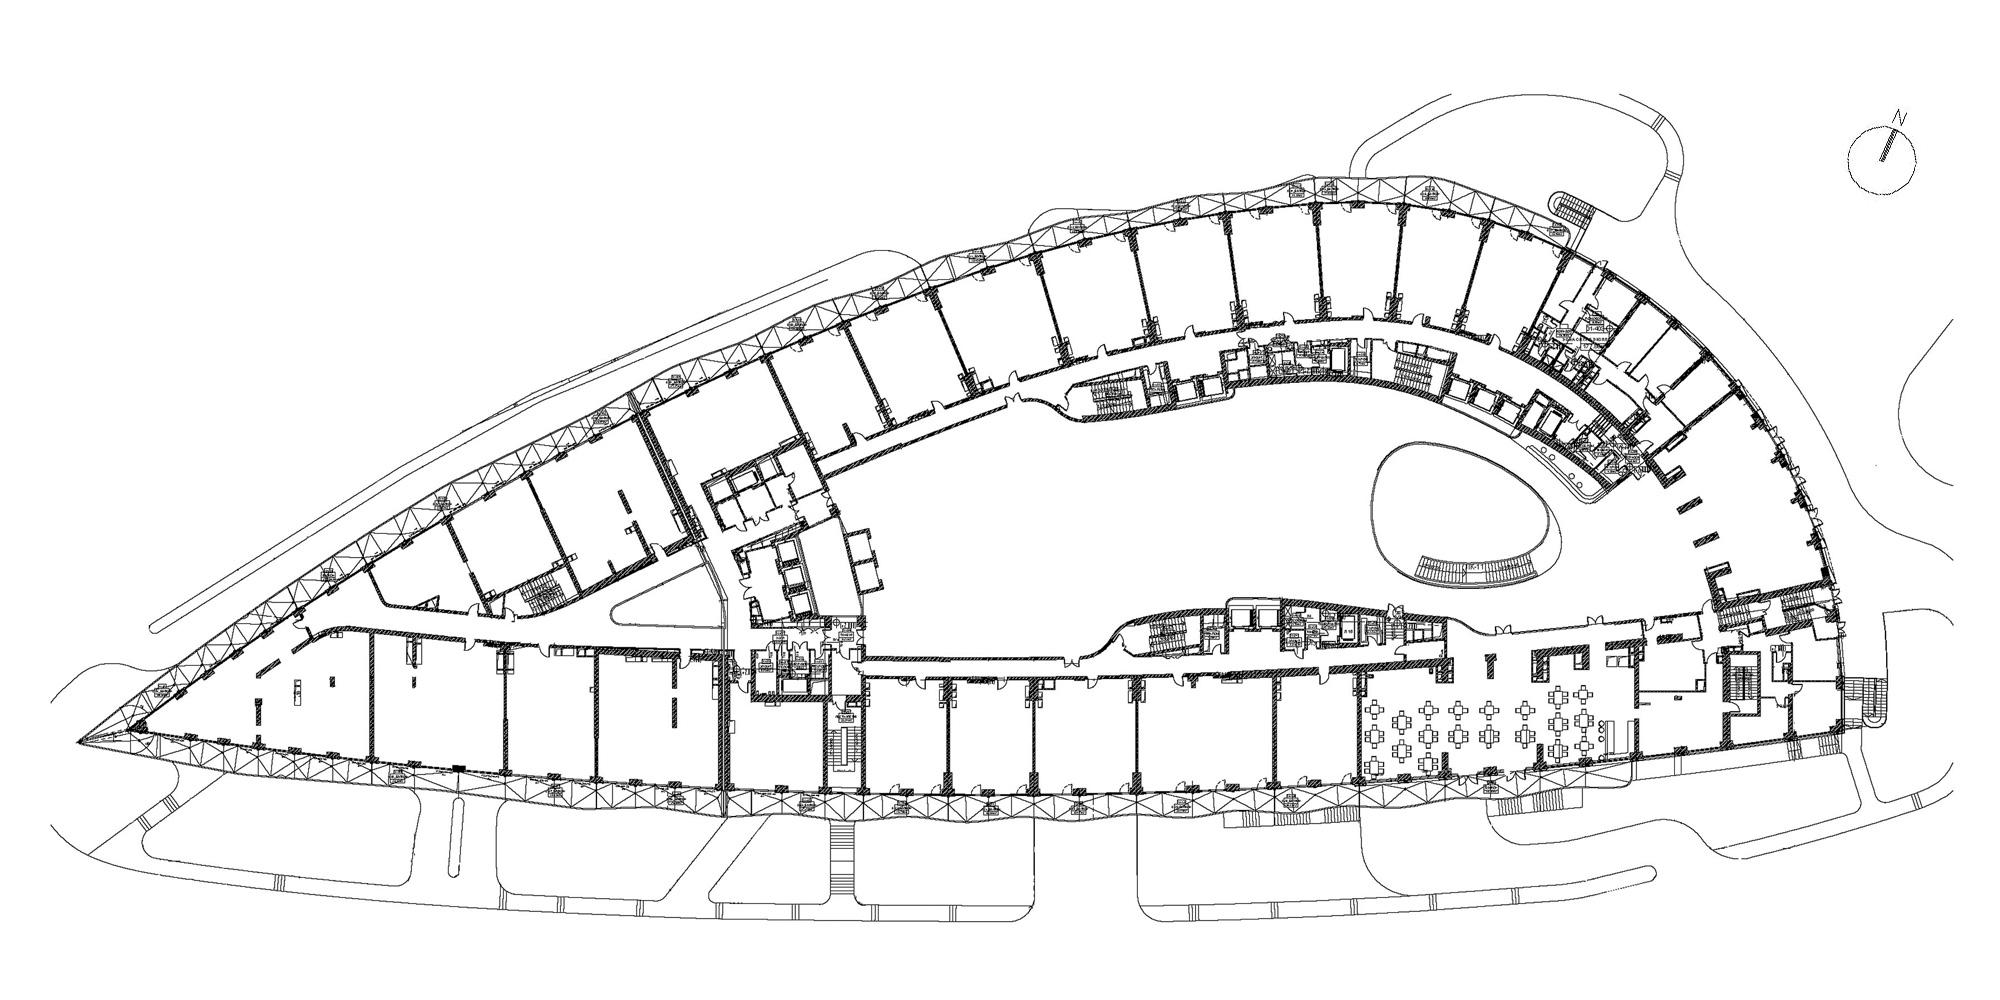 Pianta Piano Terra © SPEECH Architectural Office